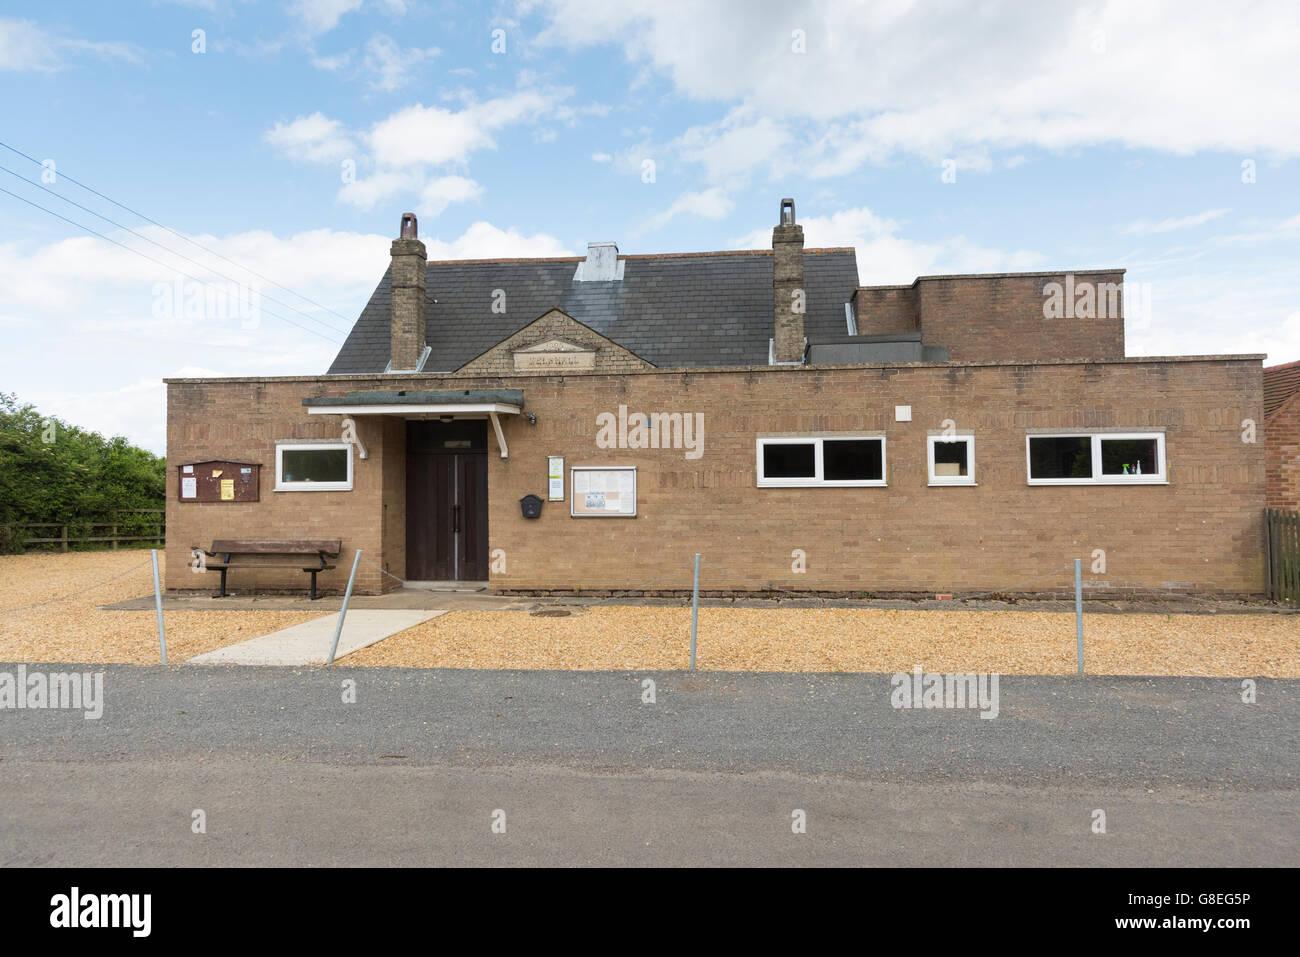 The village hall at Kelshall near Royston Hertfordshirre Uk - Stock Image